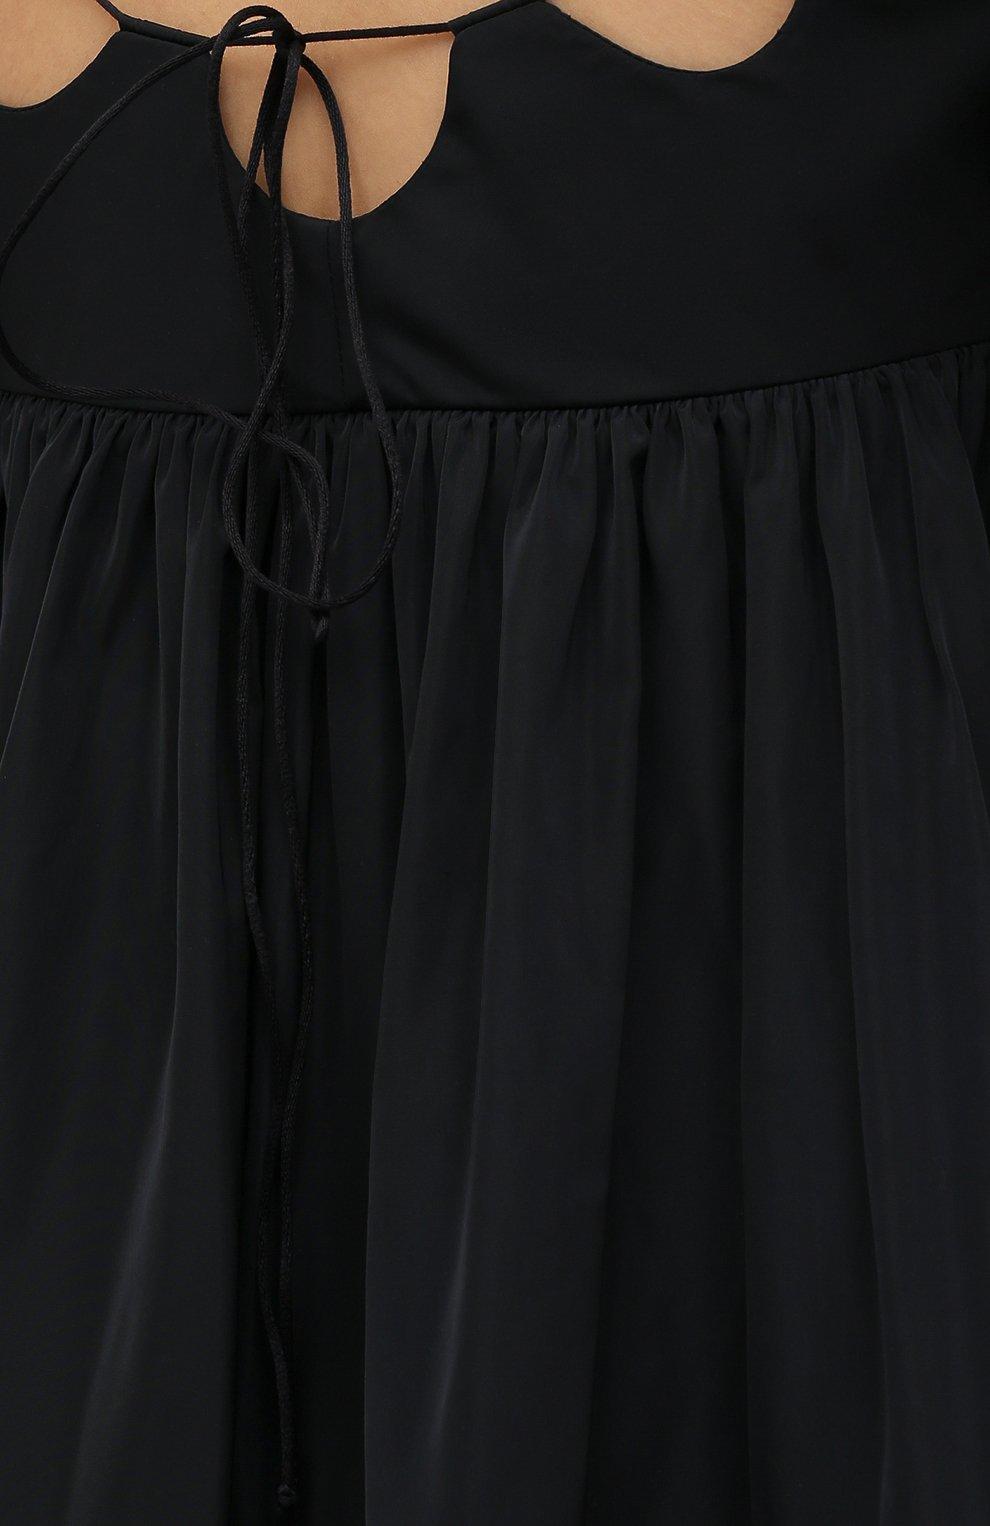 Женское платье CECILIE BAHNSEN черного цвета, арт. SS21.01-0004   Фото 5 (Случай: Повседневный; Материал внешний: Синтетический материал; Материал подклада: Синтетический материал; Длина Ж (юбки, платья, шорты): До колена; Рукава: 3/4; Стили: Бохо; Женское Кросс-КТ: Платье-одежда)